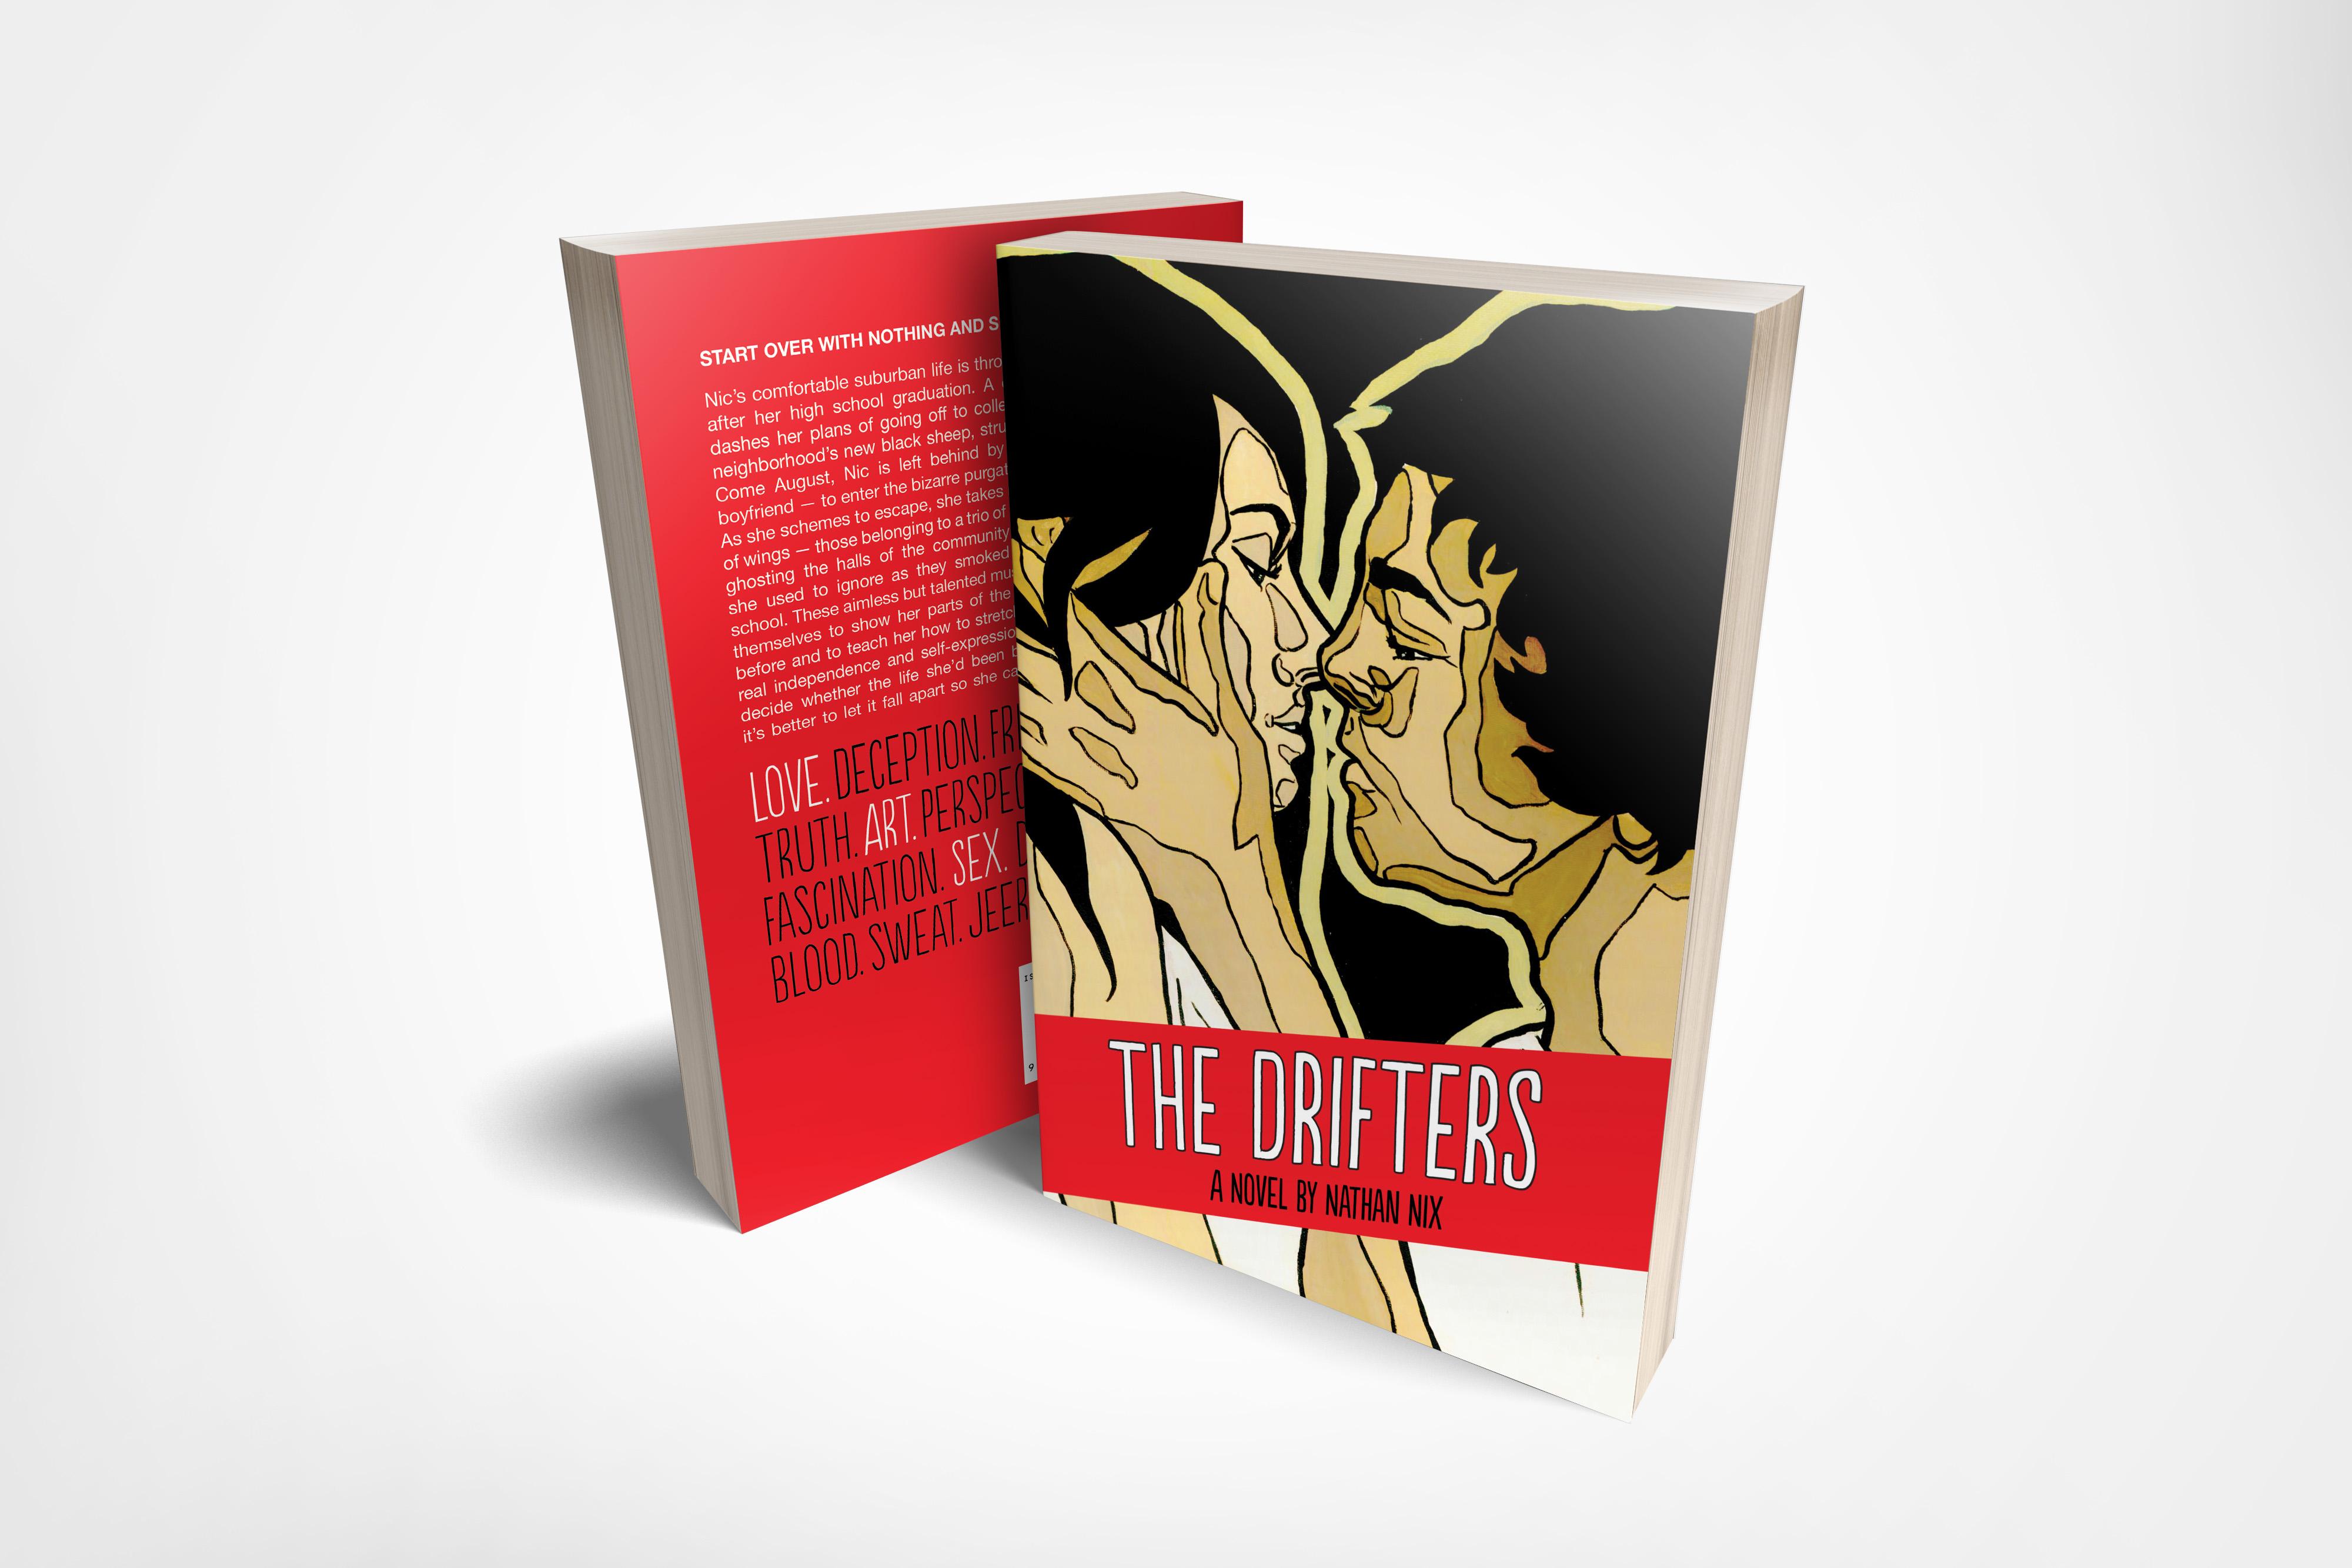 The Drifters Novel